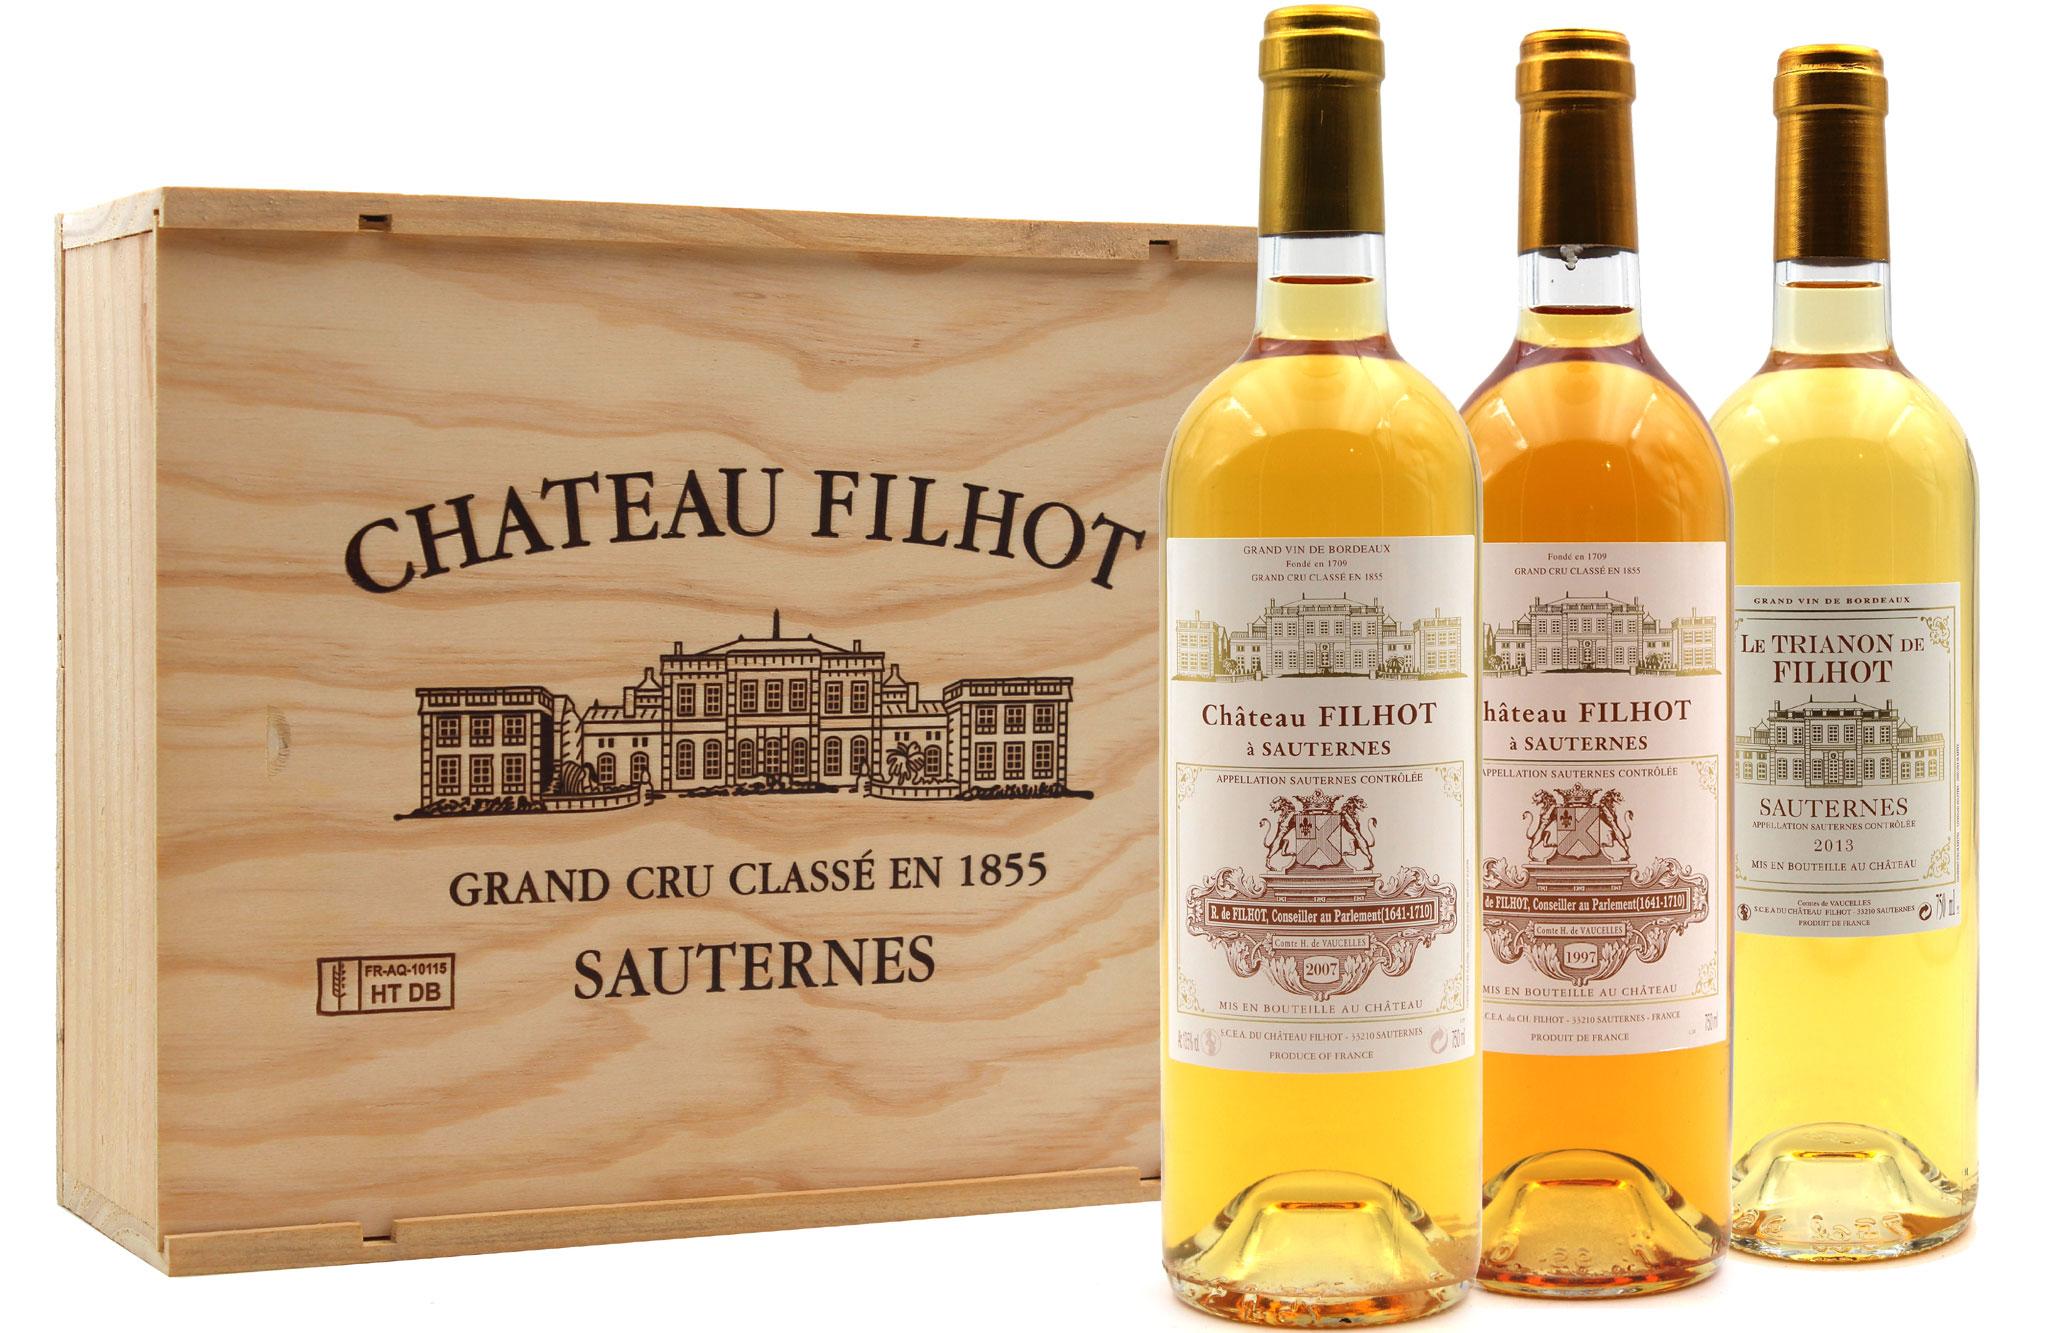 Coffret Découverte Filhot & Trianon 1997, 2007, 2013 Vin Blanc 75cl AOC Sauternes